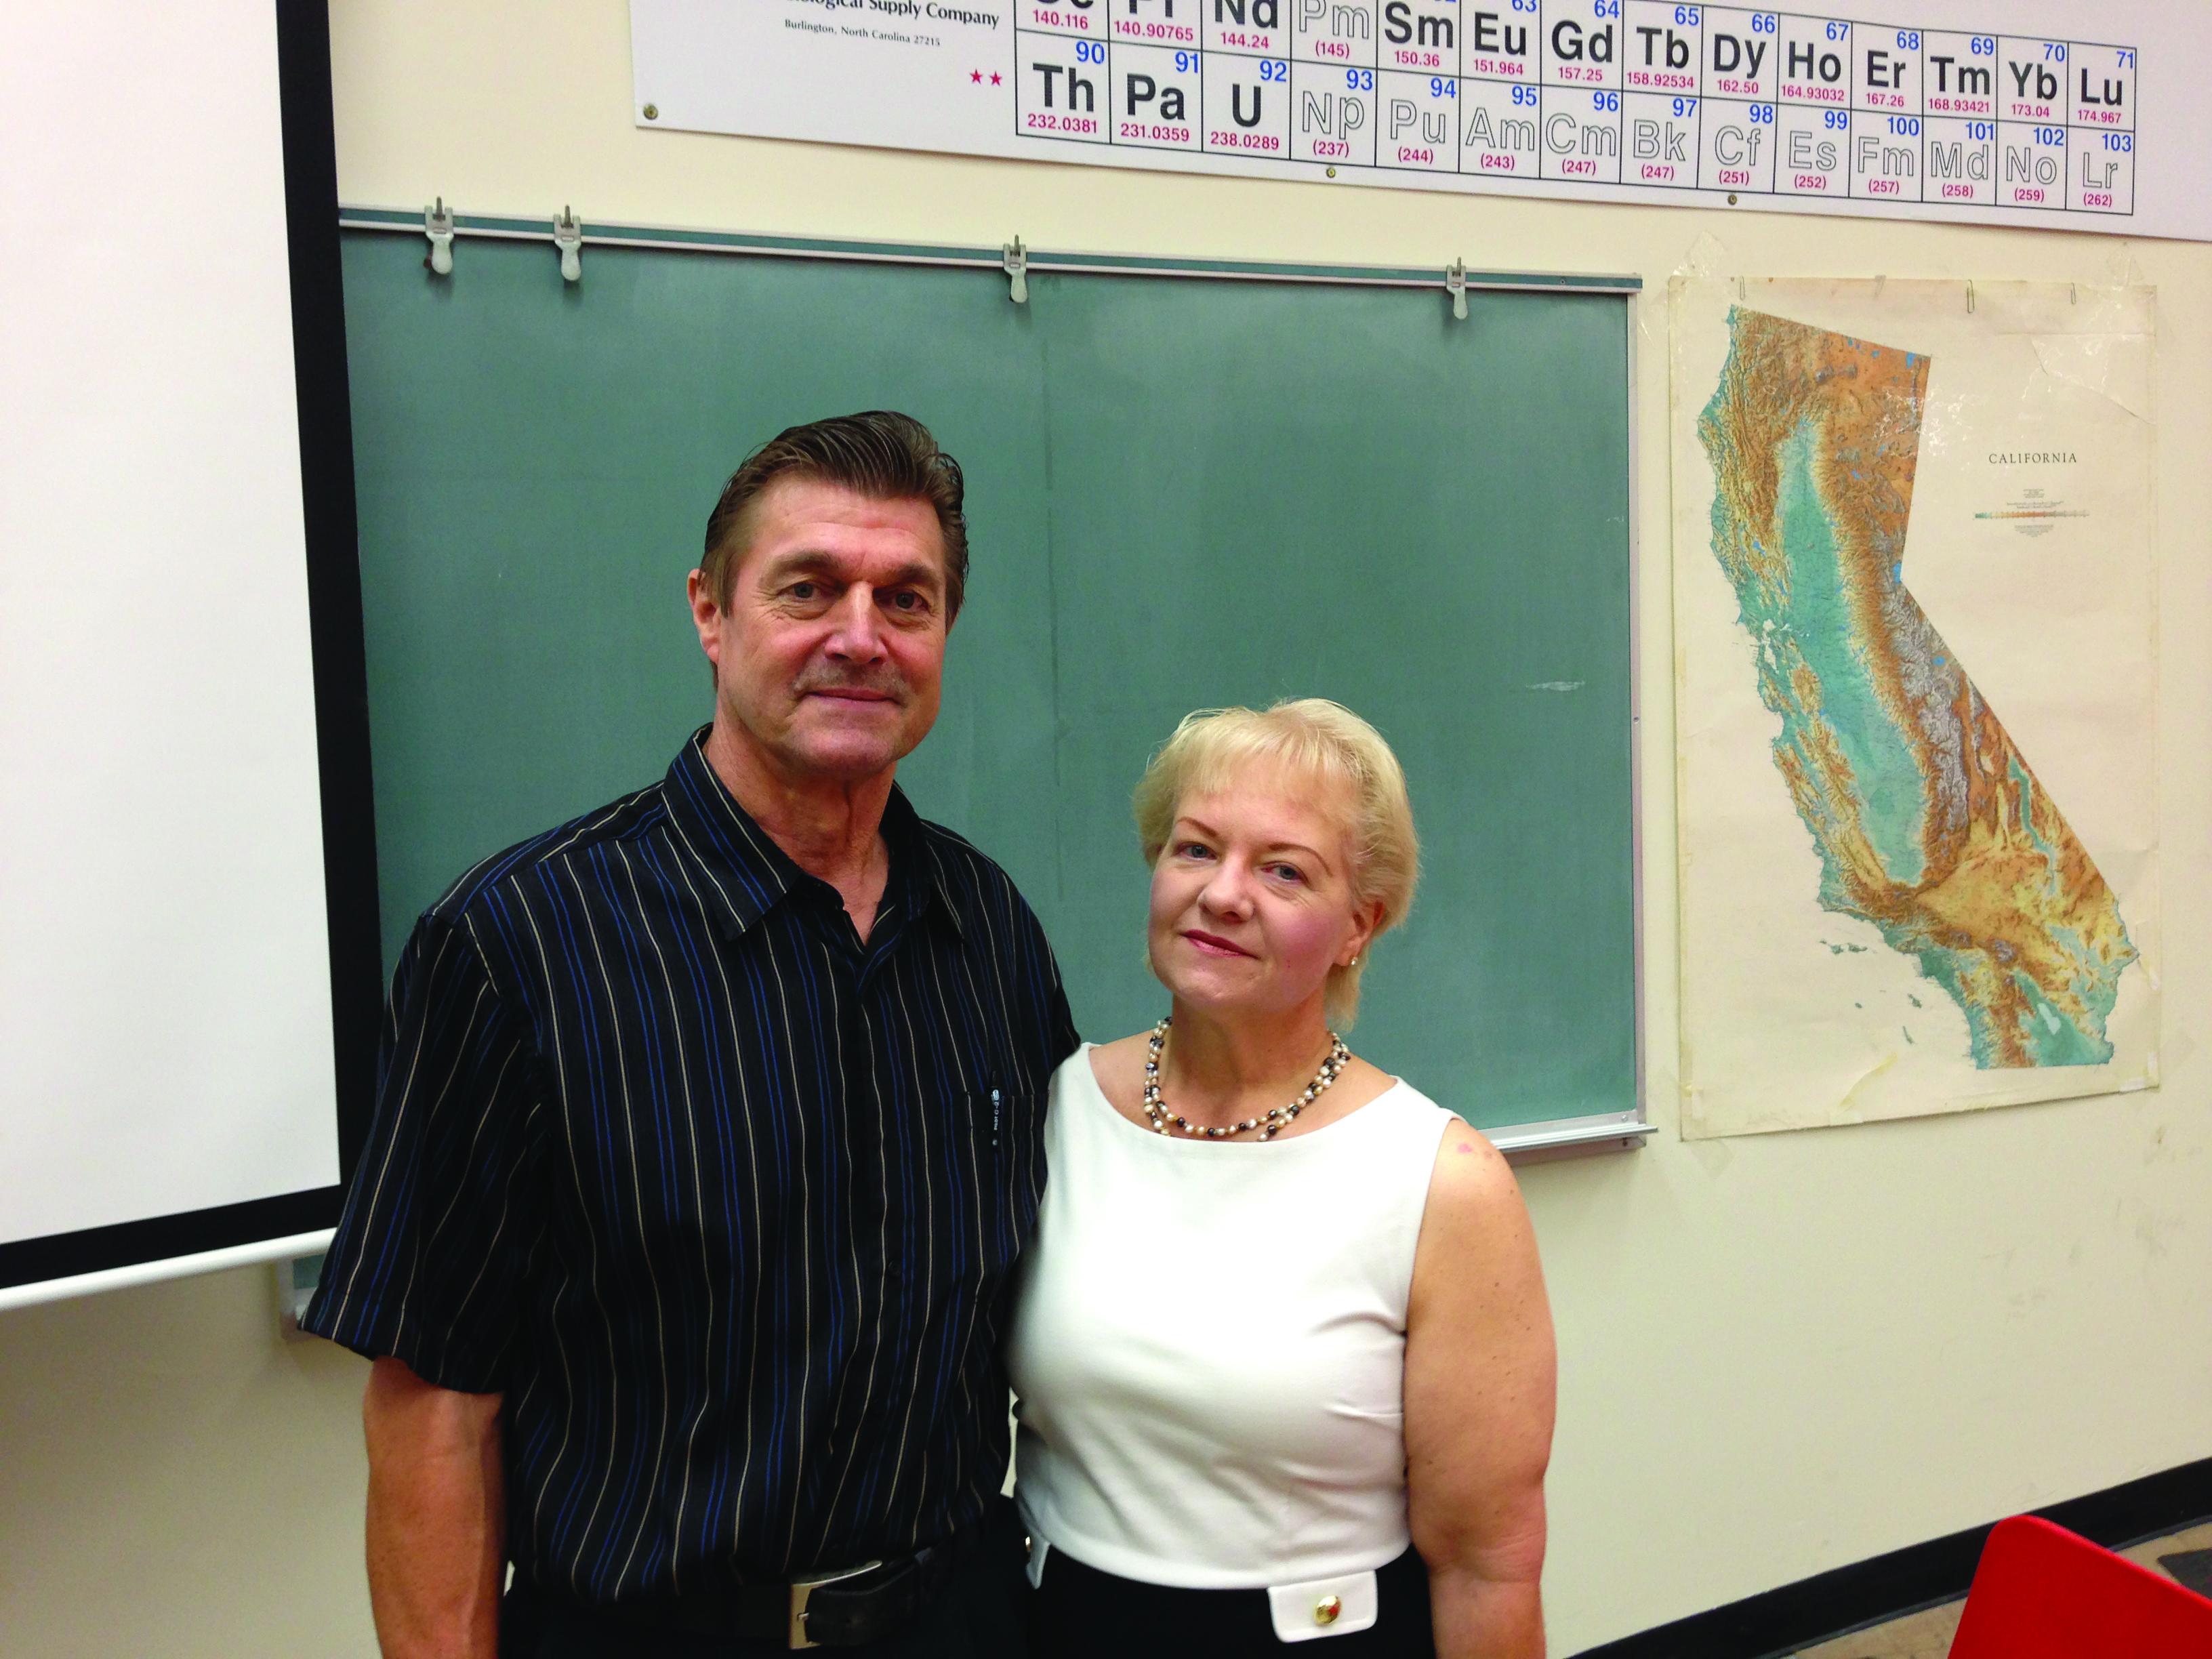 """Professor Lois Zeimet with her husband, Stewart, who she calls """"my hero, my rock."""" Photo courtesy of Lois Zeimet."""